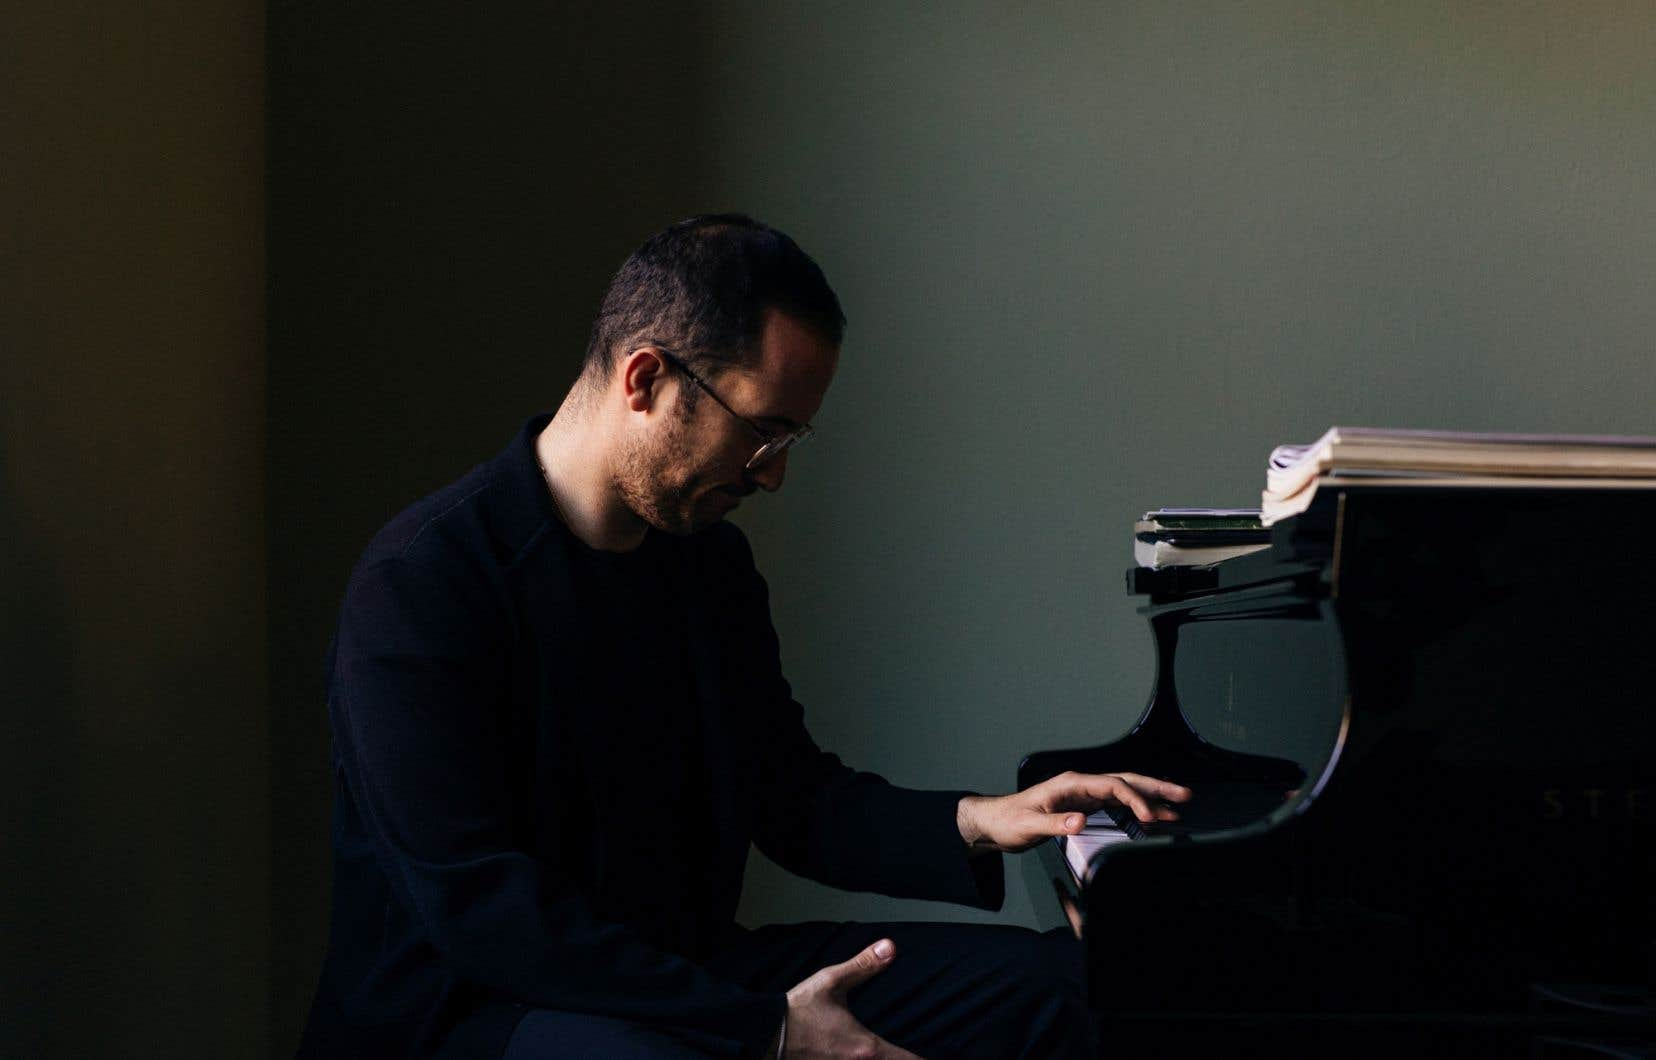 La série de  concerts du  Musikfest Berlin offerts en ligne comportera  une intégrale des sonates pour piano  de Beethoven  avec Igor Levit.